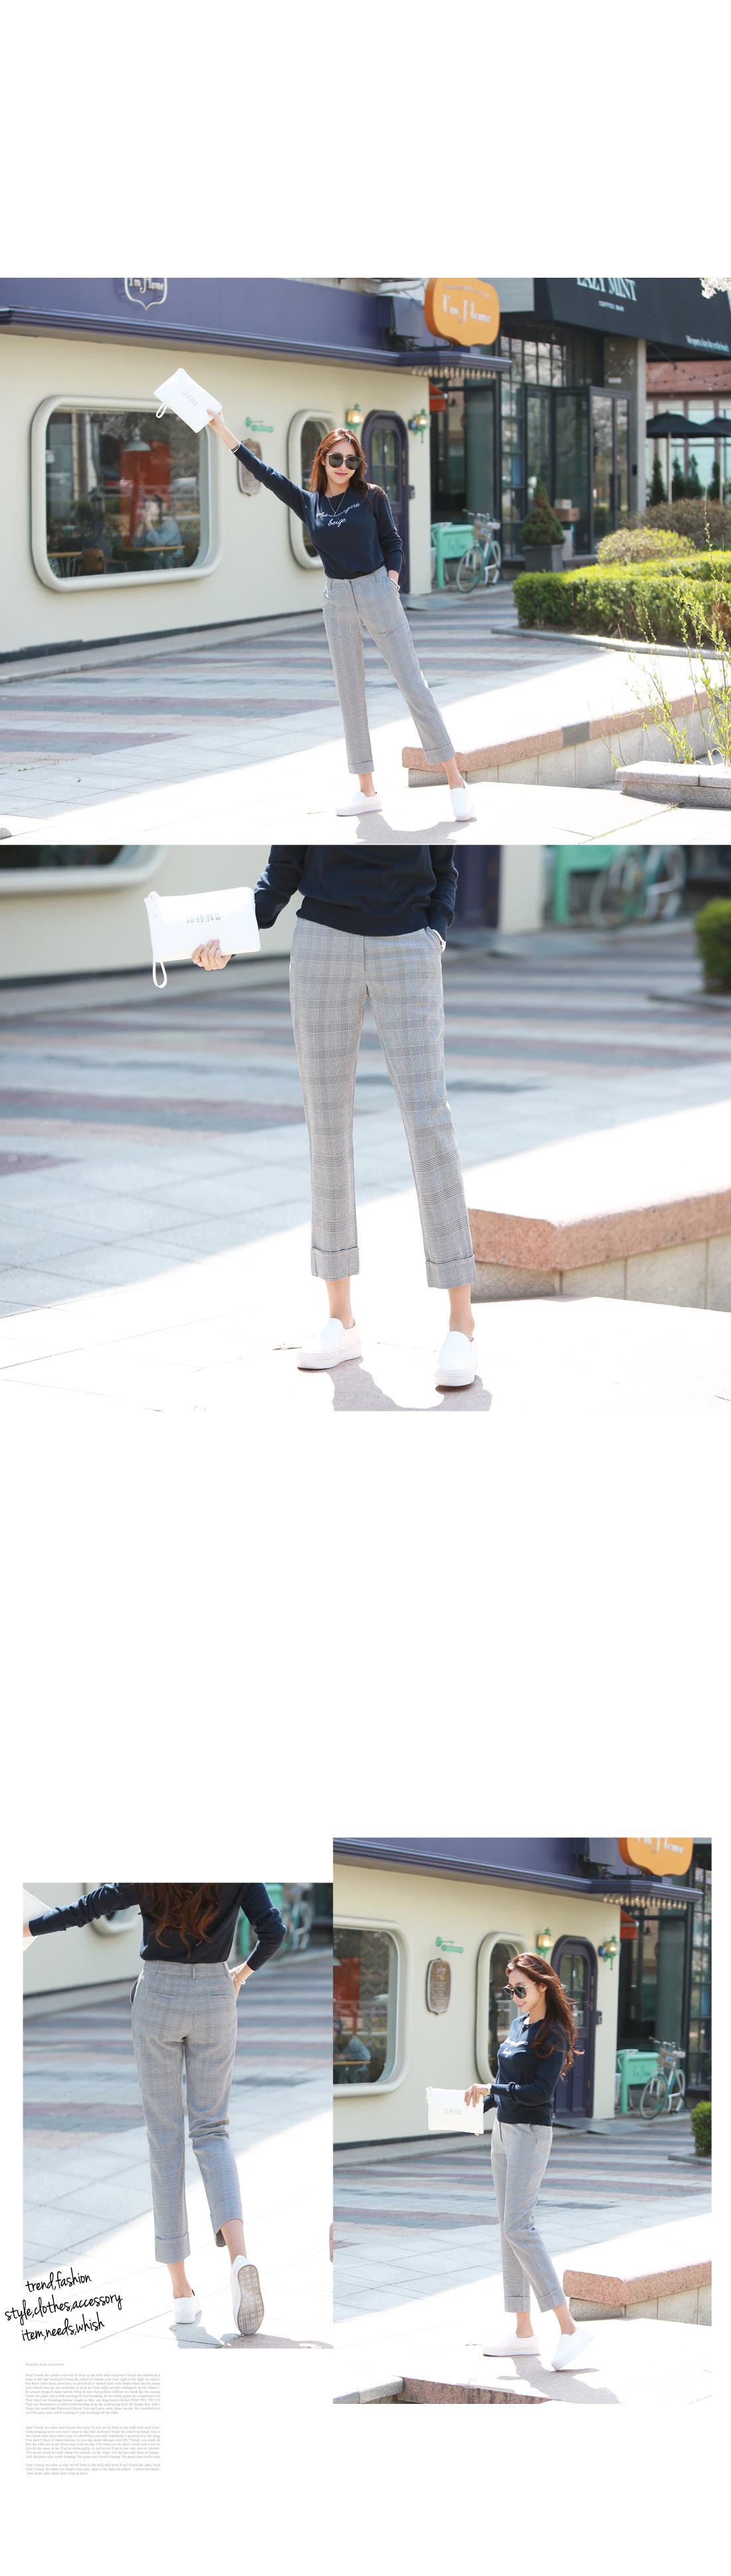 Biplen Classic Check Pattern Slacks Pants #73565